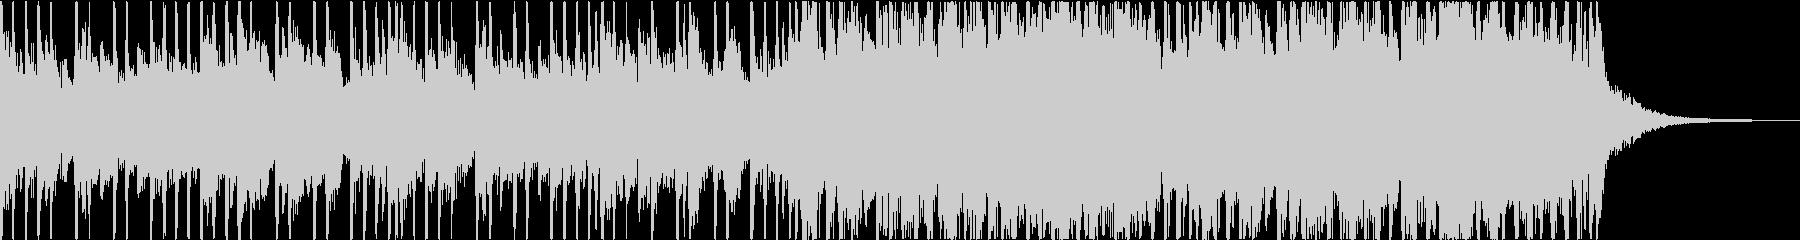 ダークで不穏・ヘヴィなエレキのメタルの未再生の波形